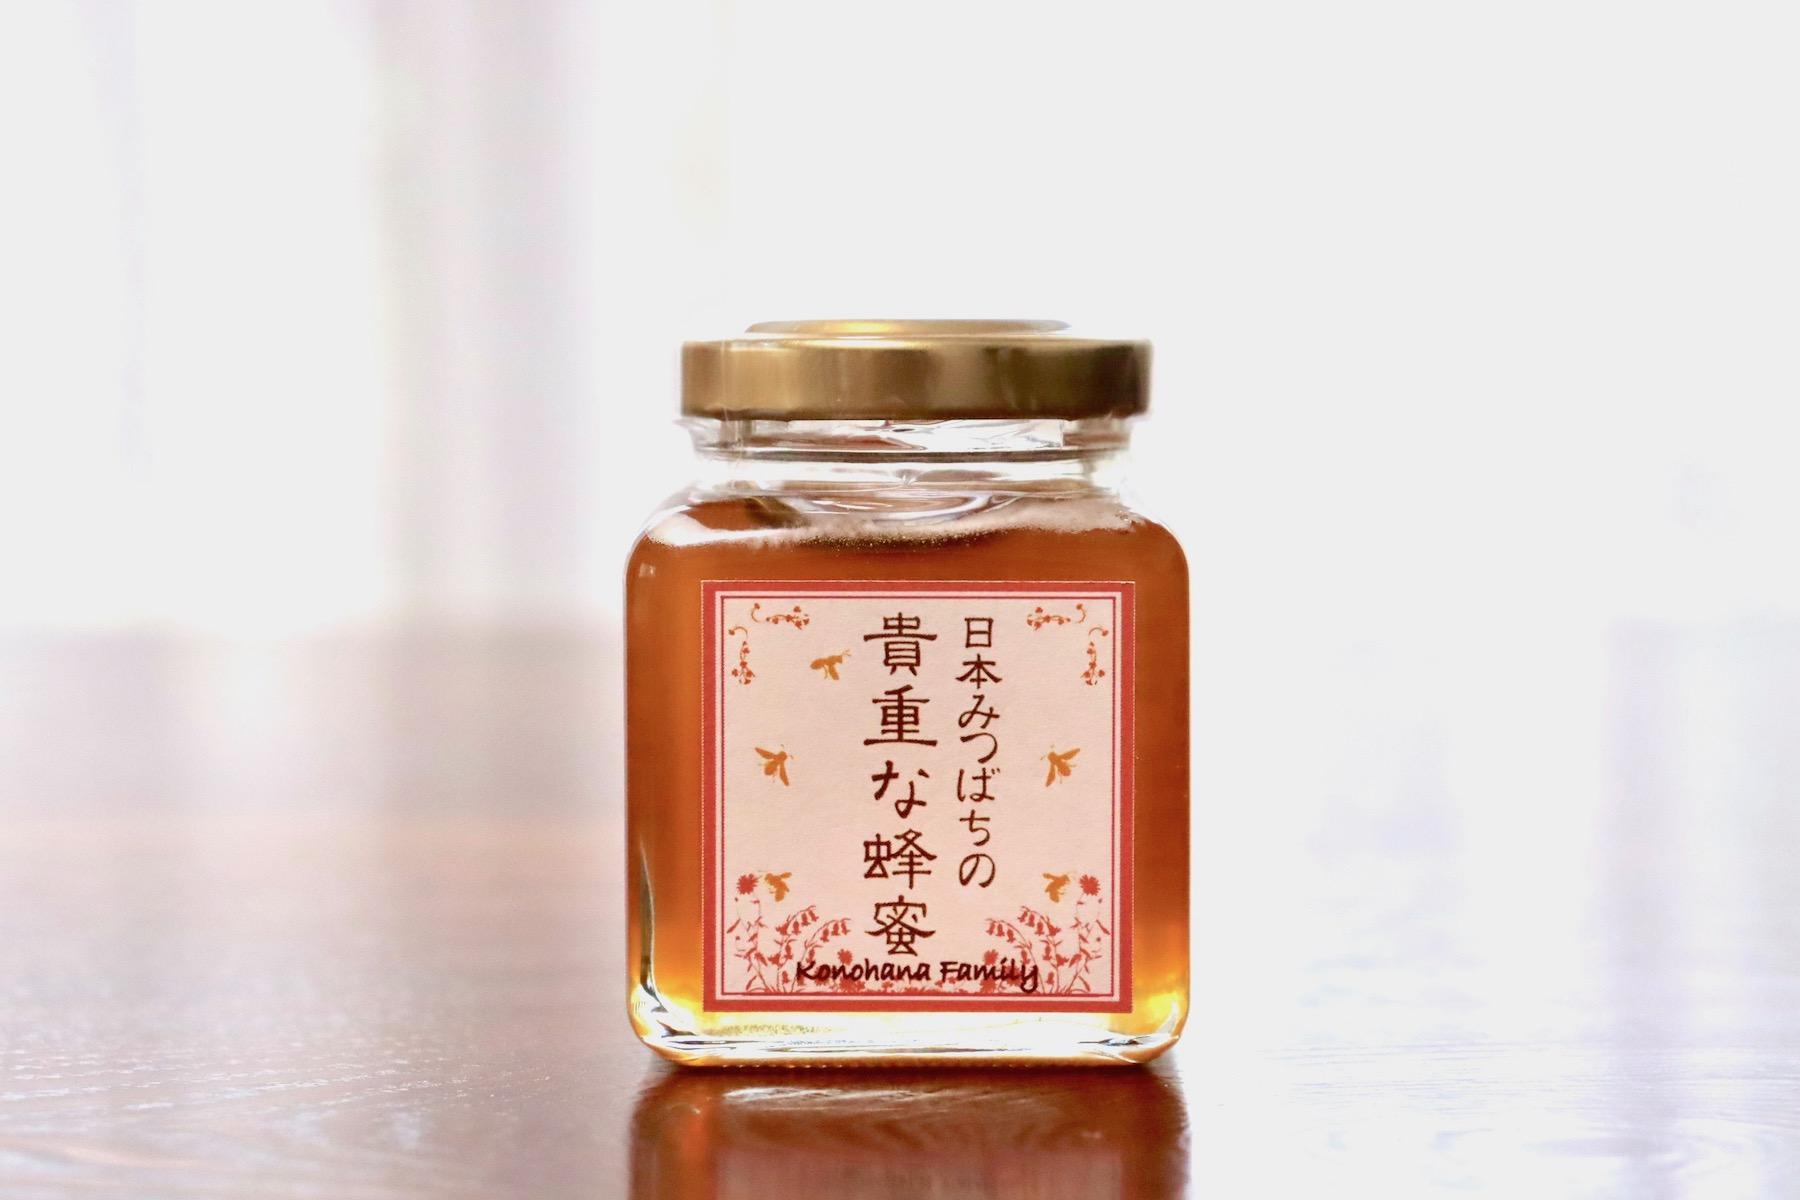 日本みつばちのハチミツとミツロウの販売を始めます